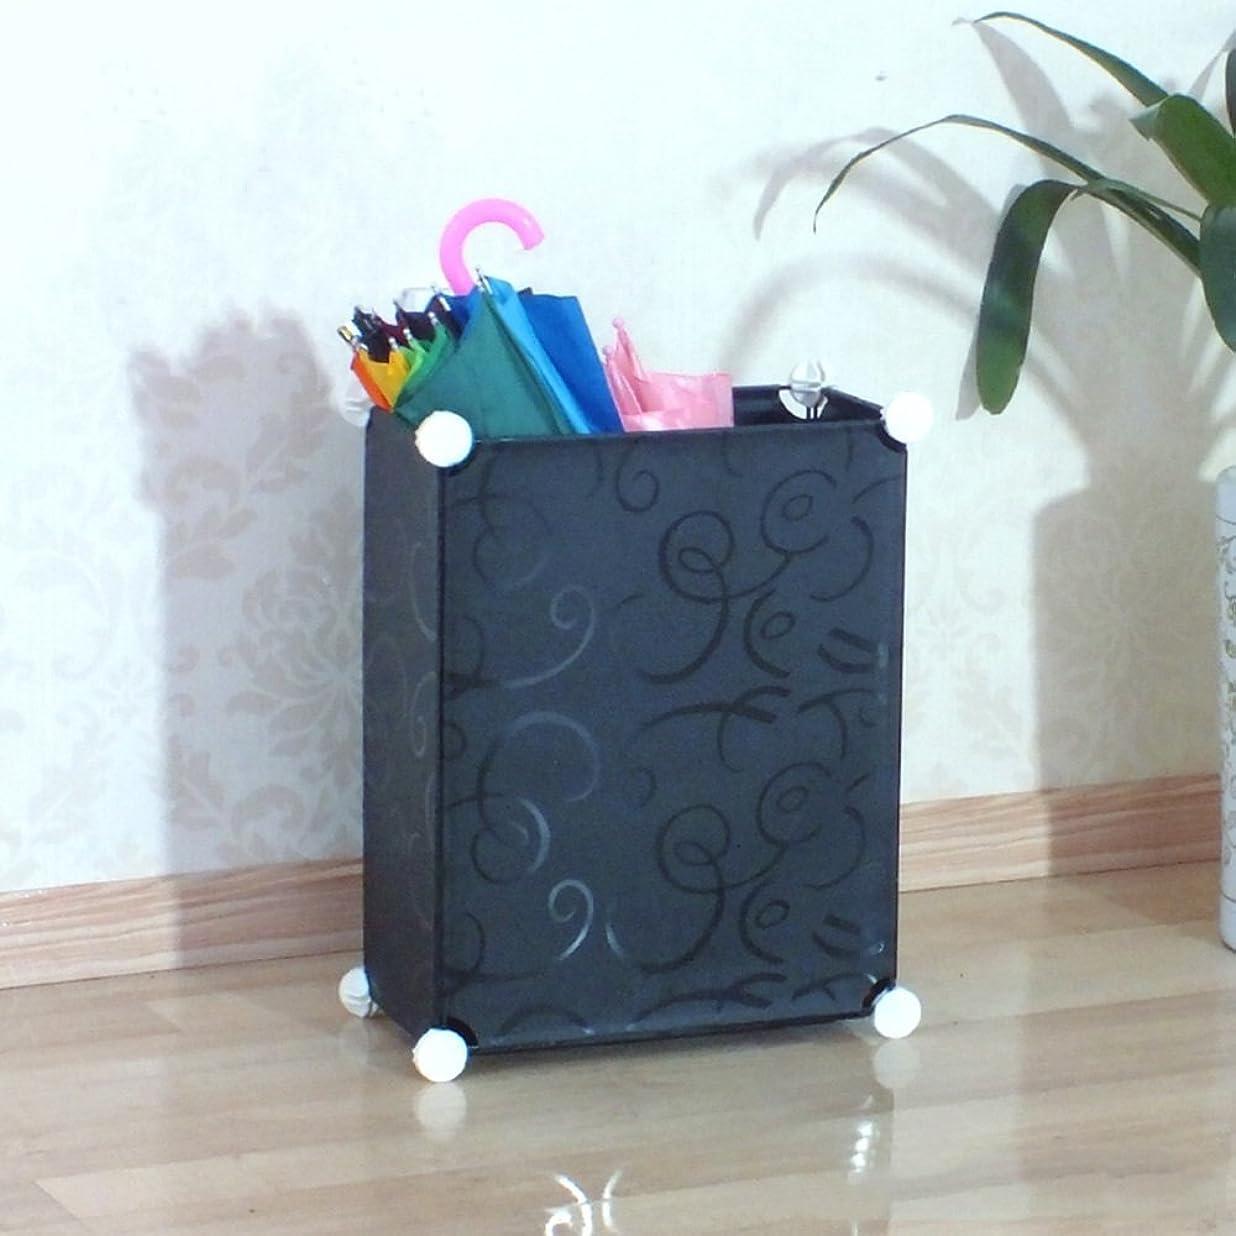 あいまい帳面宿るアンブレラスタンド/アンブレラストレージバケット/ポータブルアンブレラストレージラック(家庭用およびオフィス用)(色:黒、サイズ:50 * 50 * 19CM)